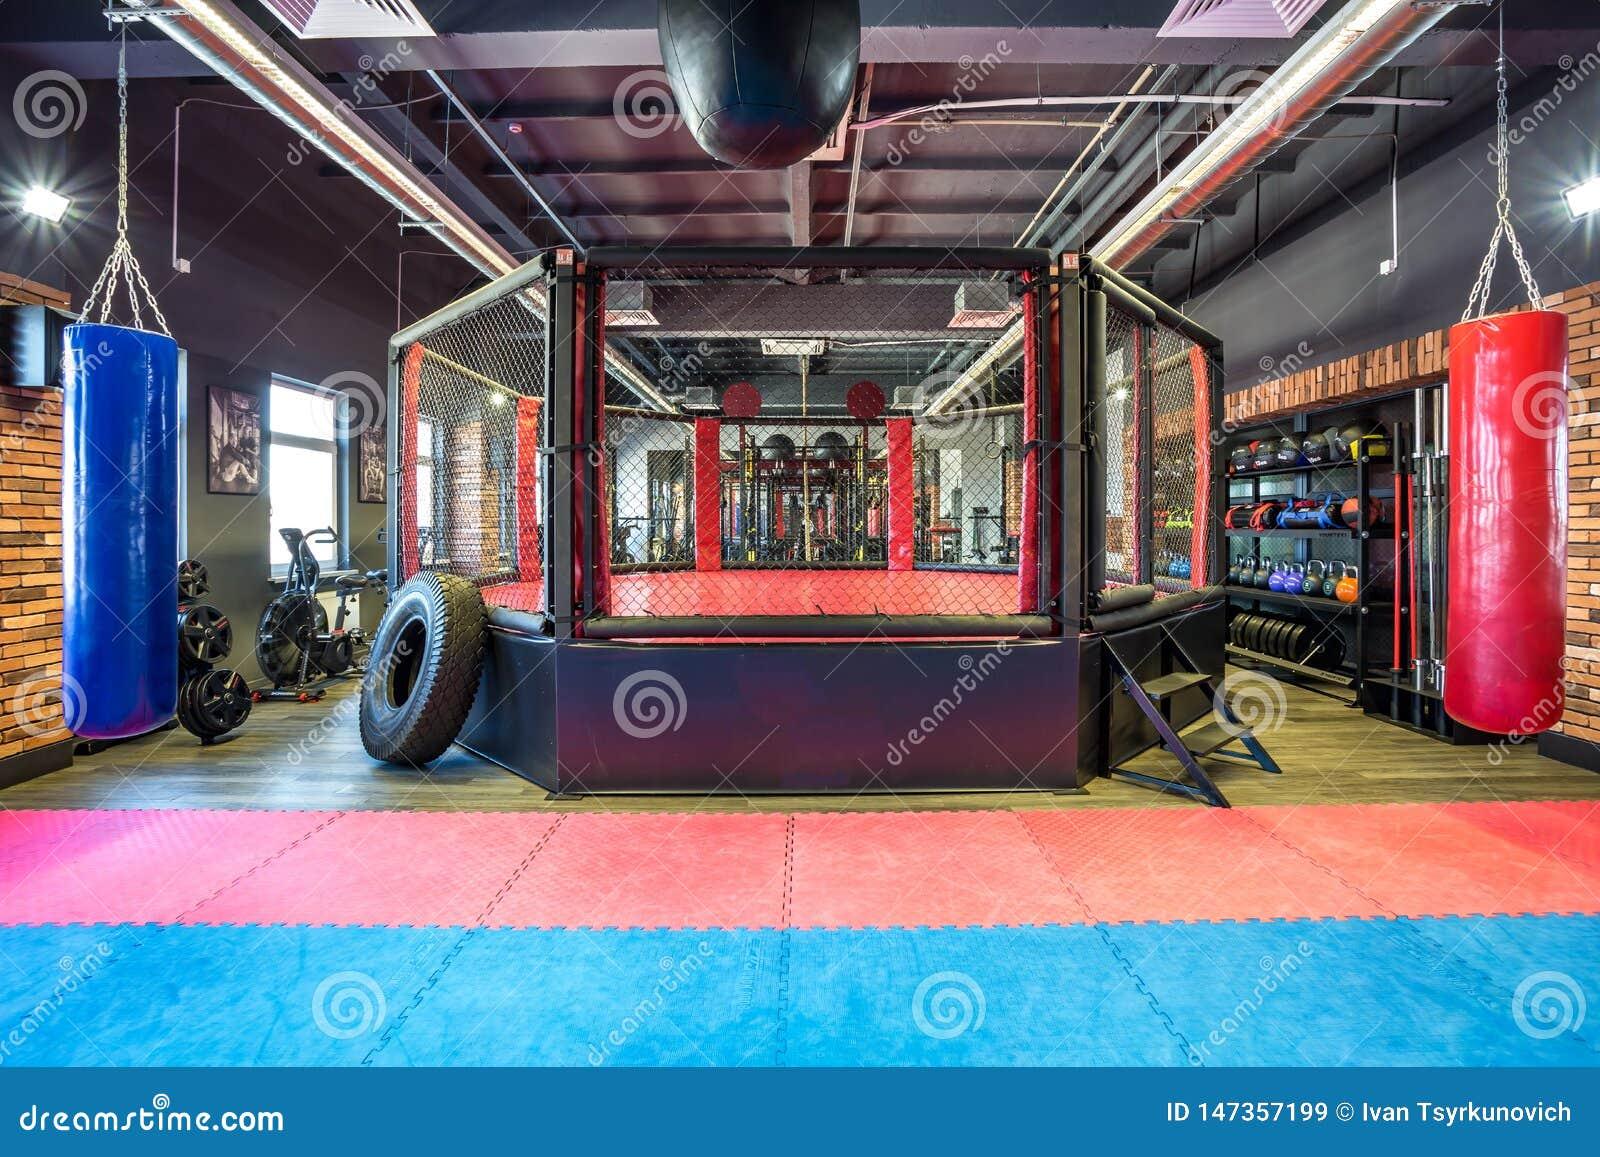 GRODNO, BIELORRUSIA - ABRIL DE 2019: Pasillo de artes marciales con el anillo y los sacos de arena que luchan en el club moderno